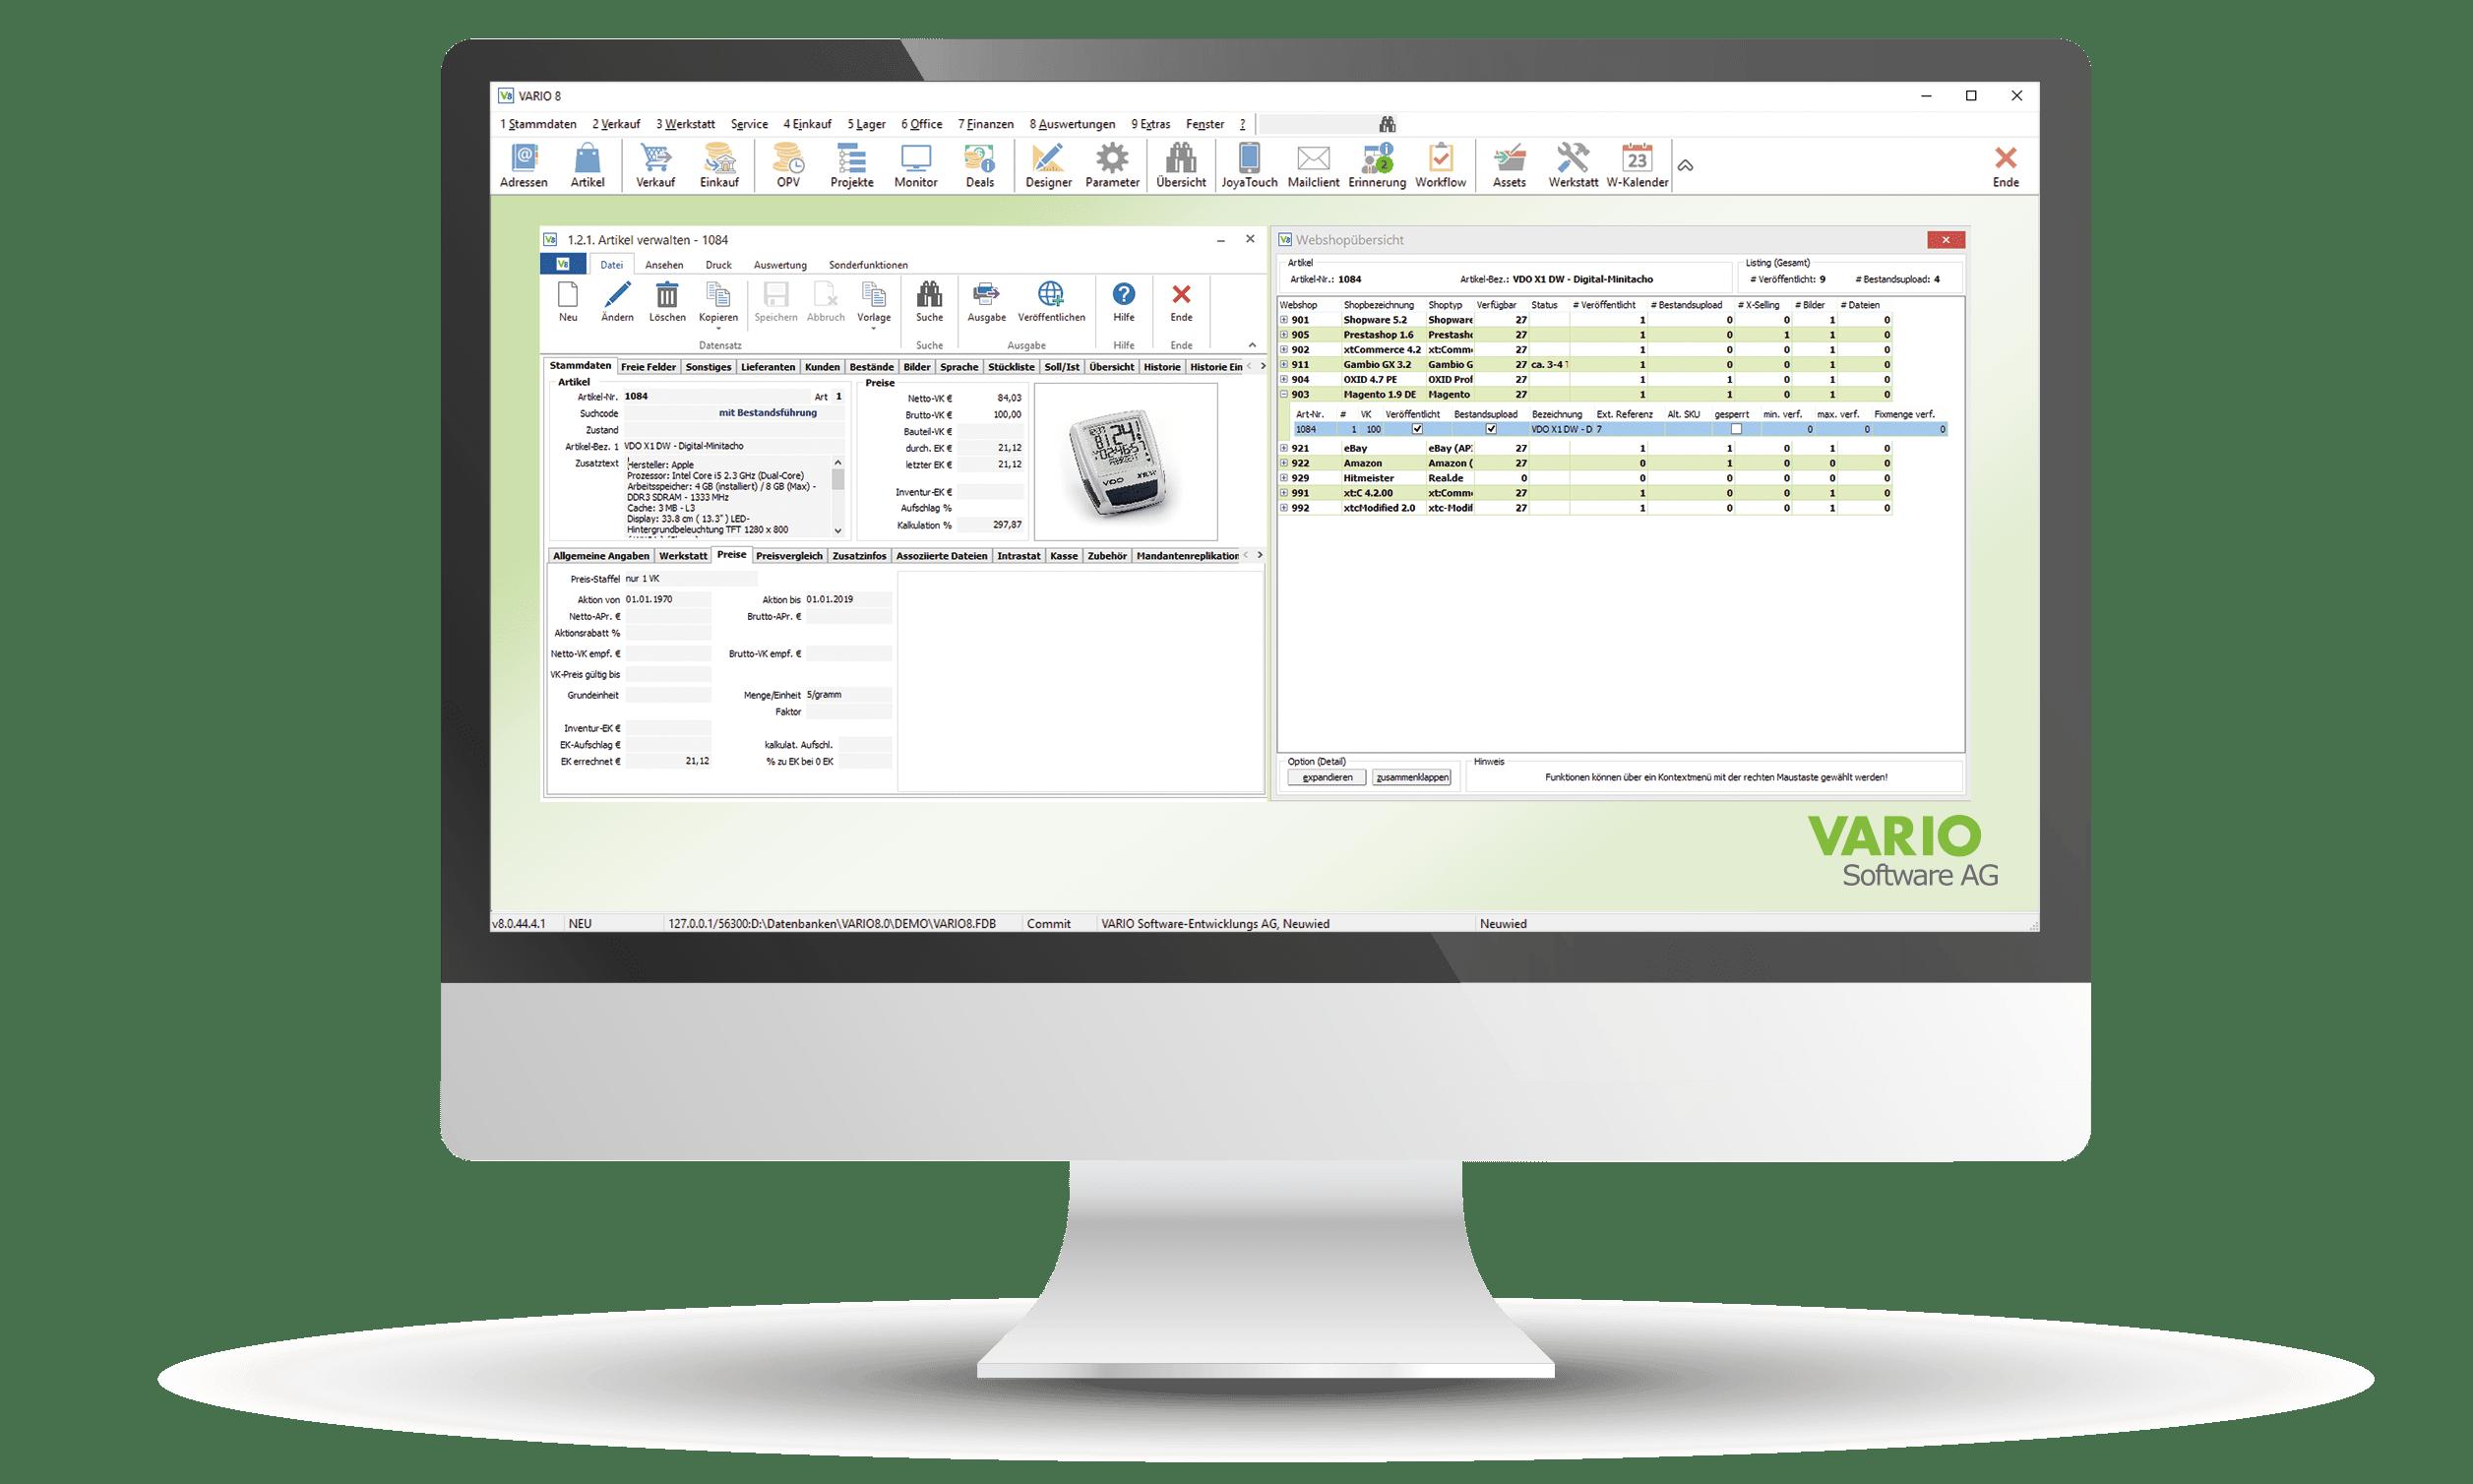 Funktionen der Artikelverwaltung in VARIO